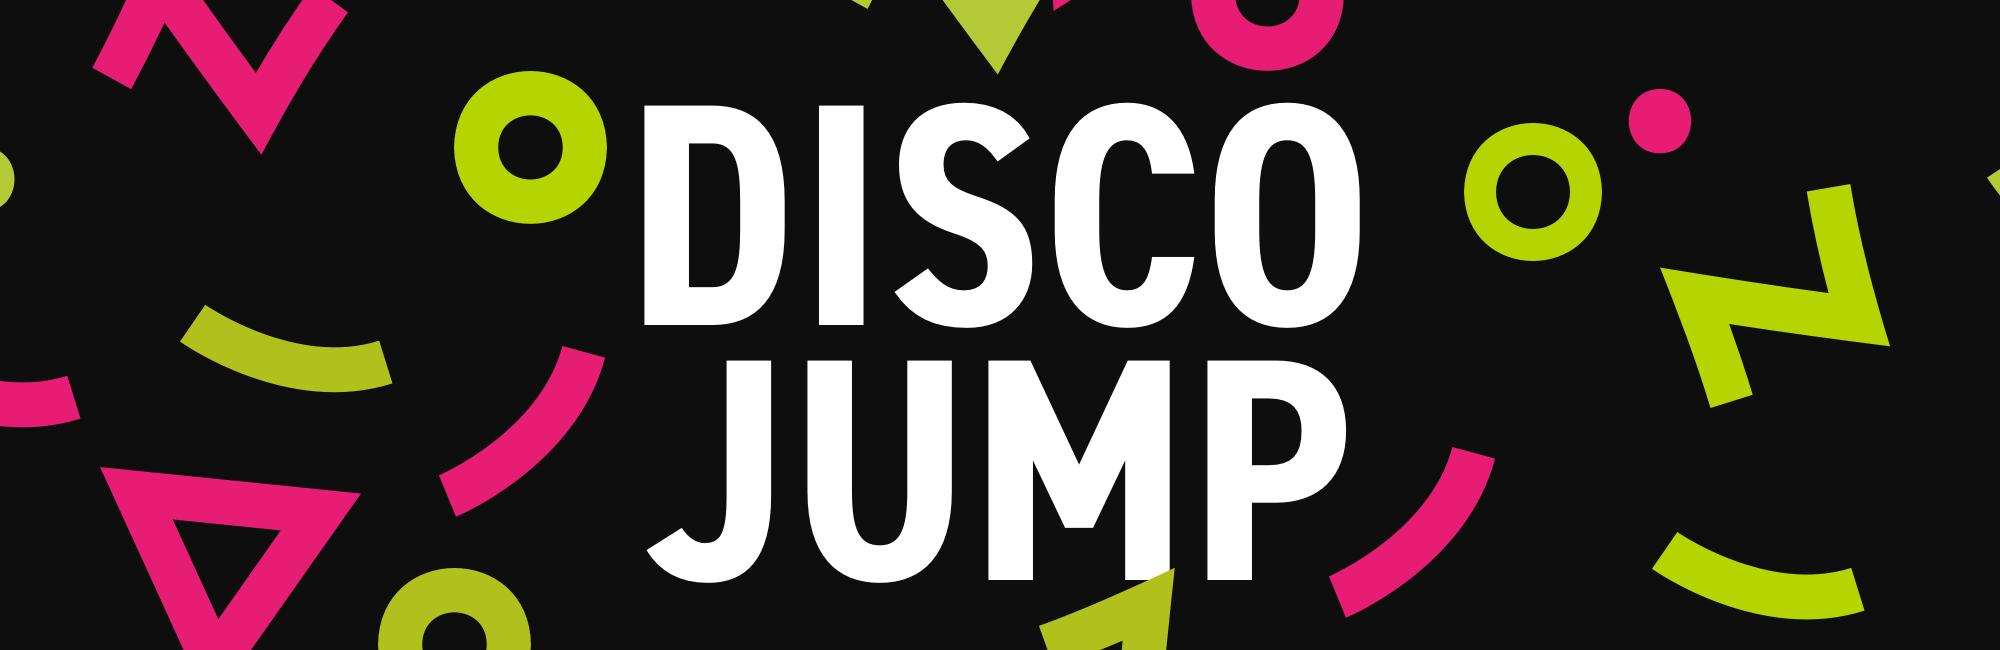 Disco jump